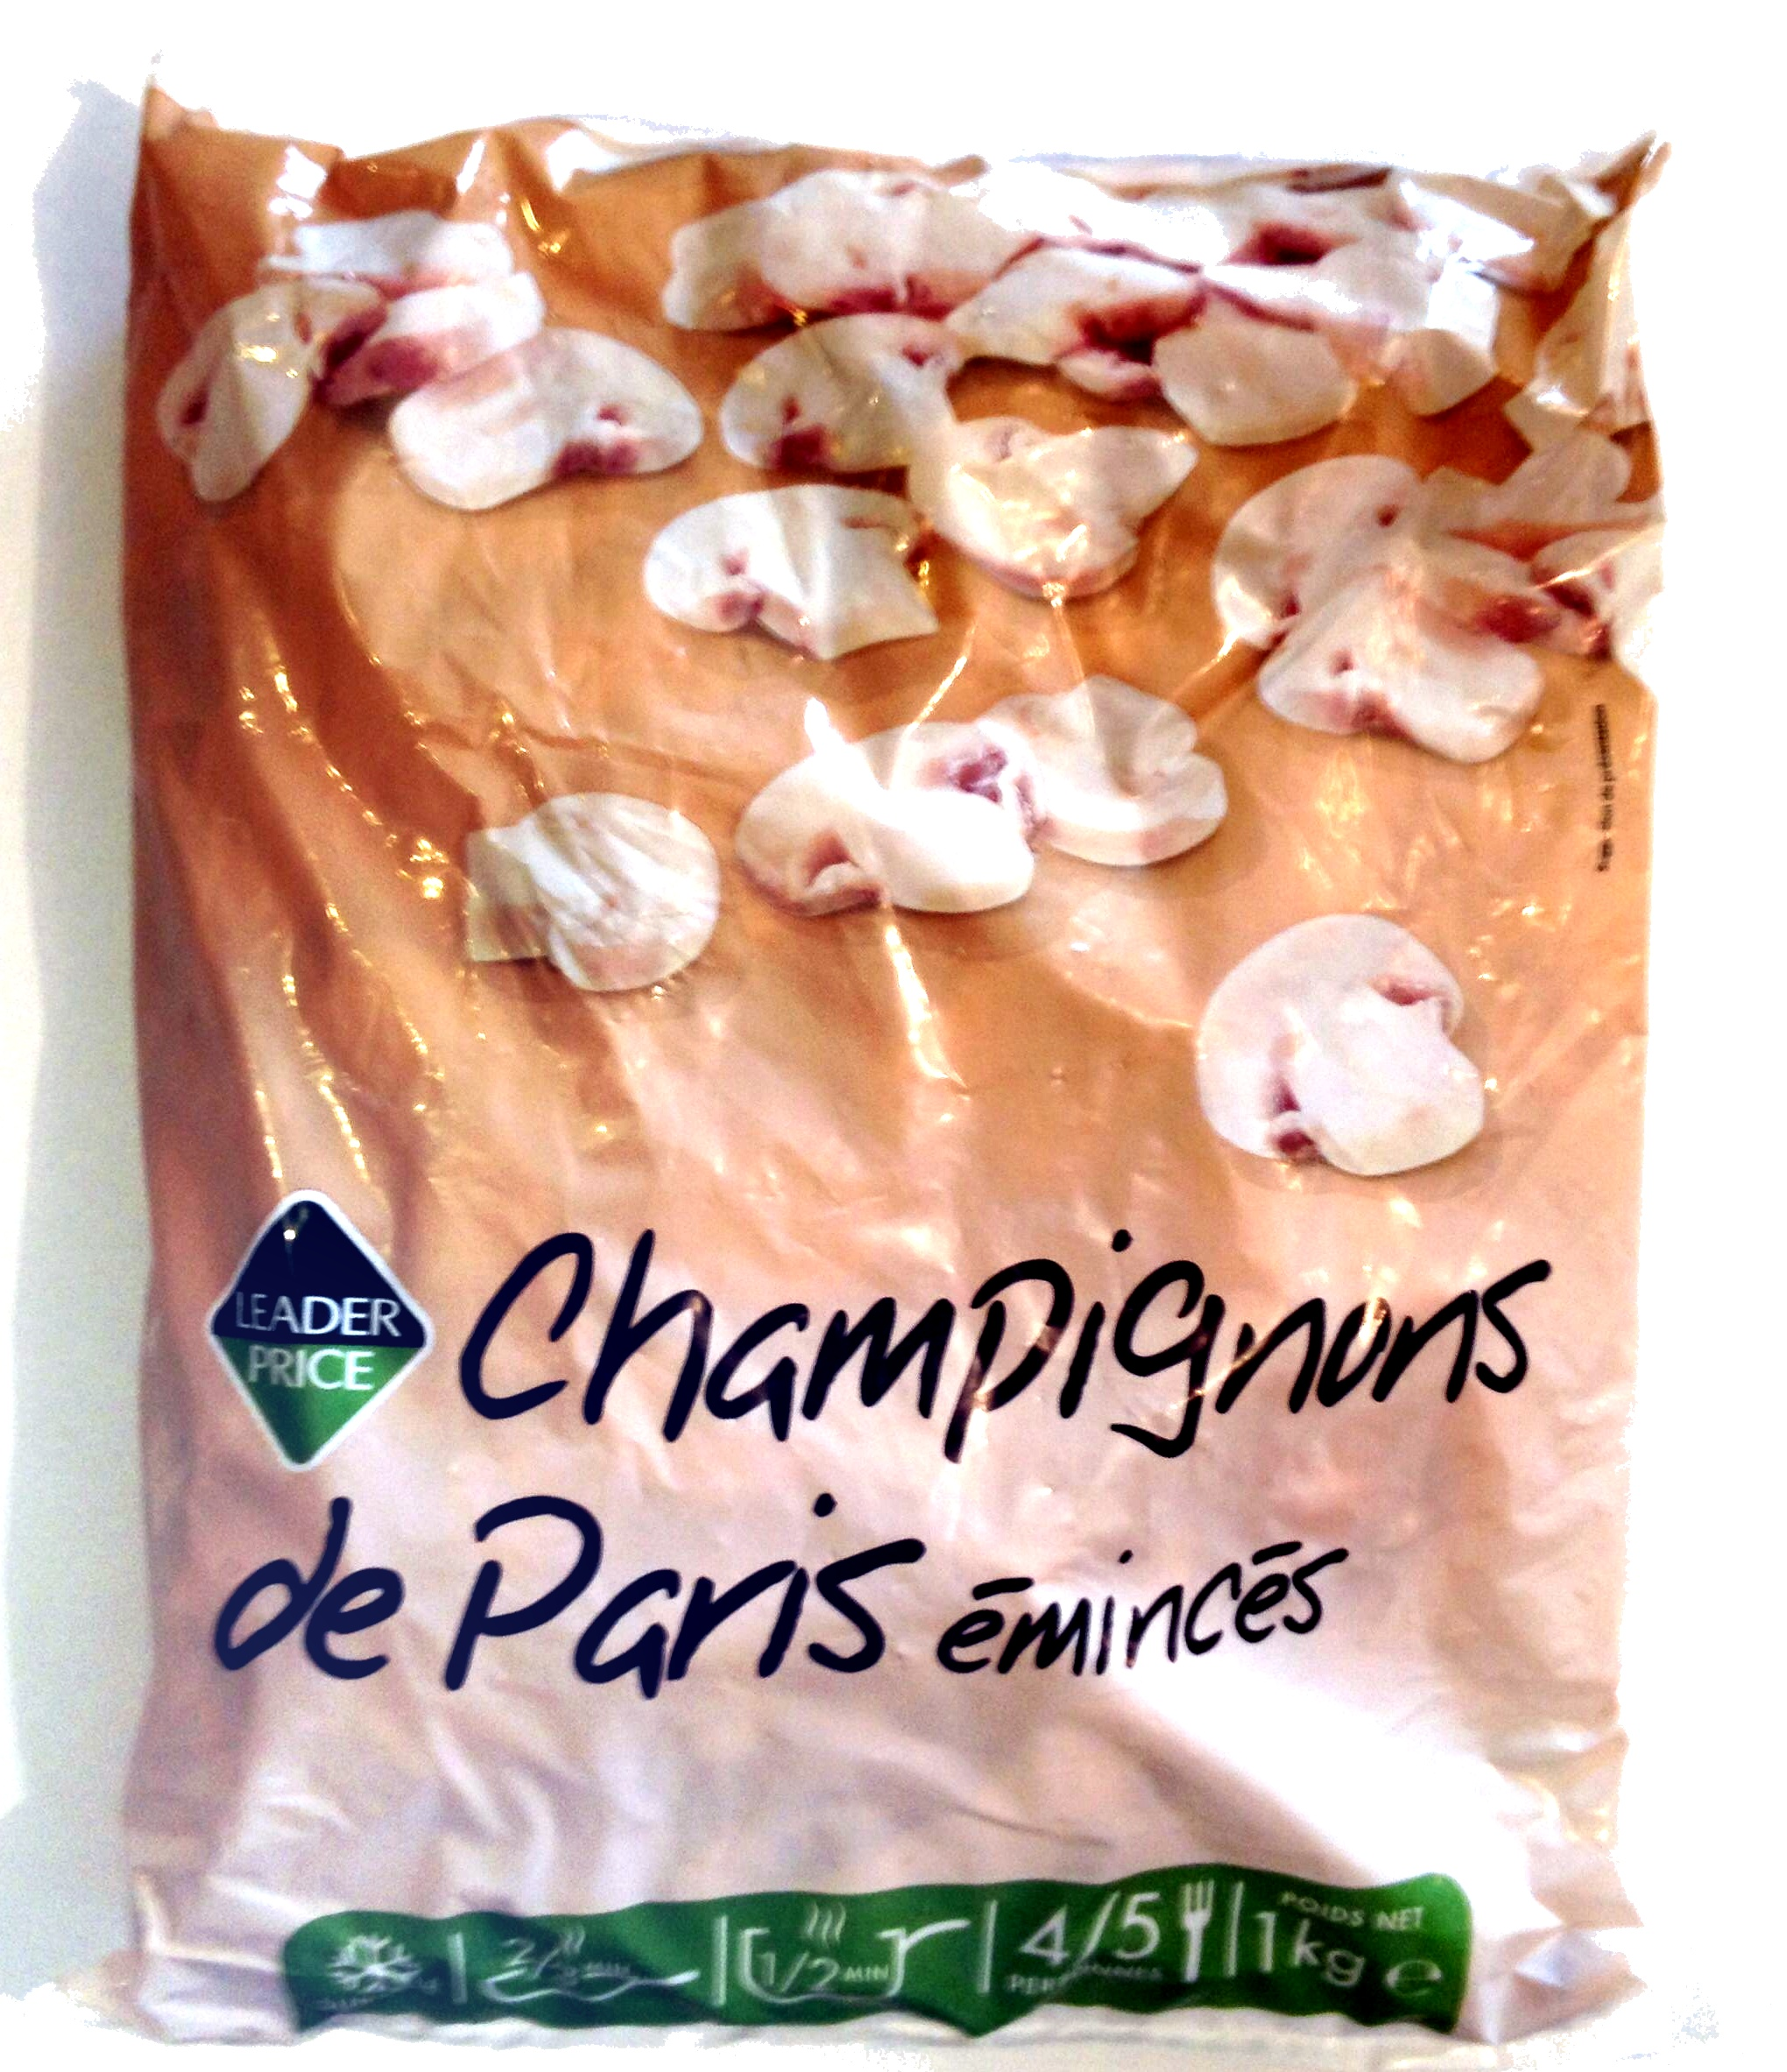 Champignons de Paris émincés, Surgelé - Produit - fr